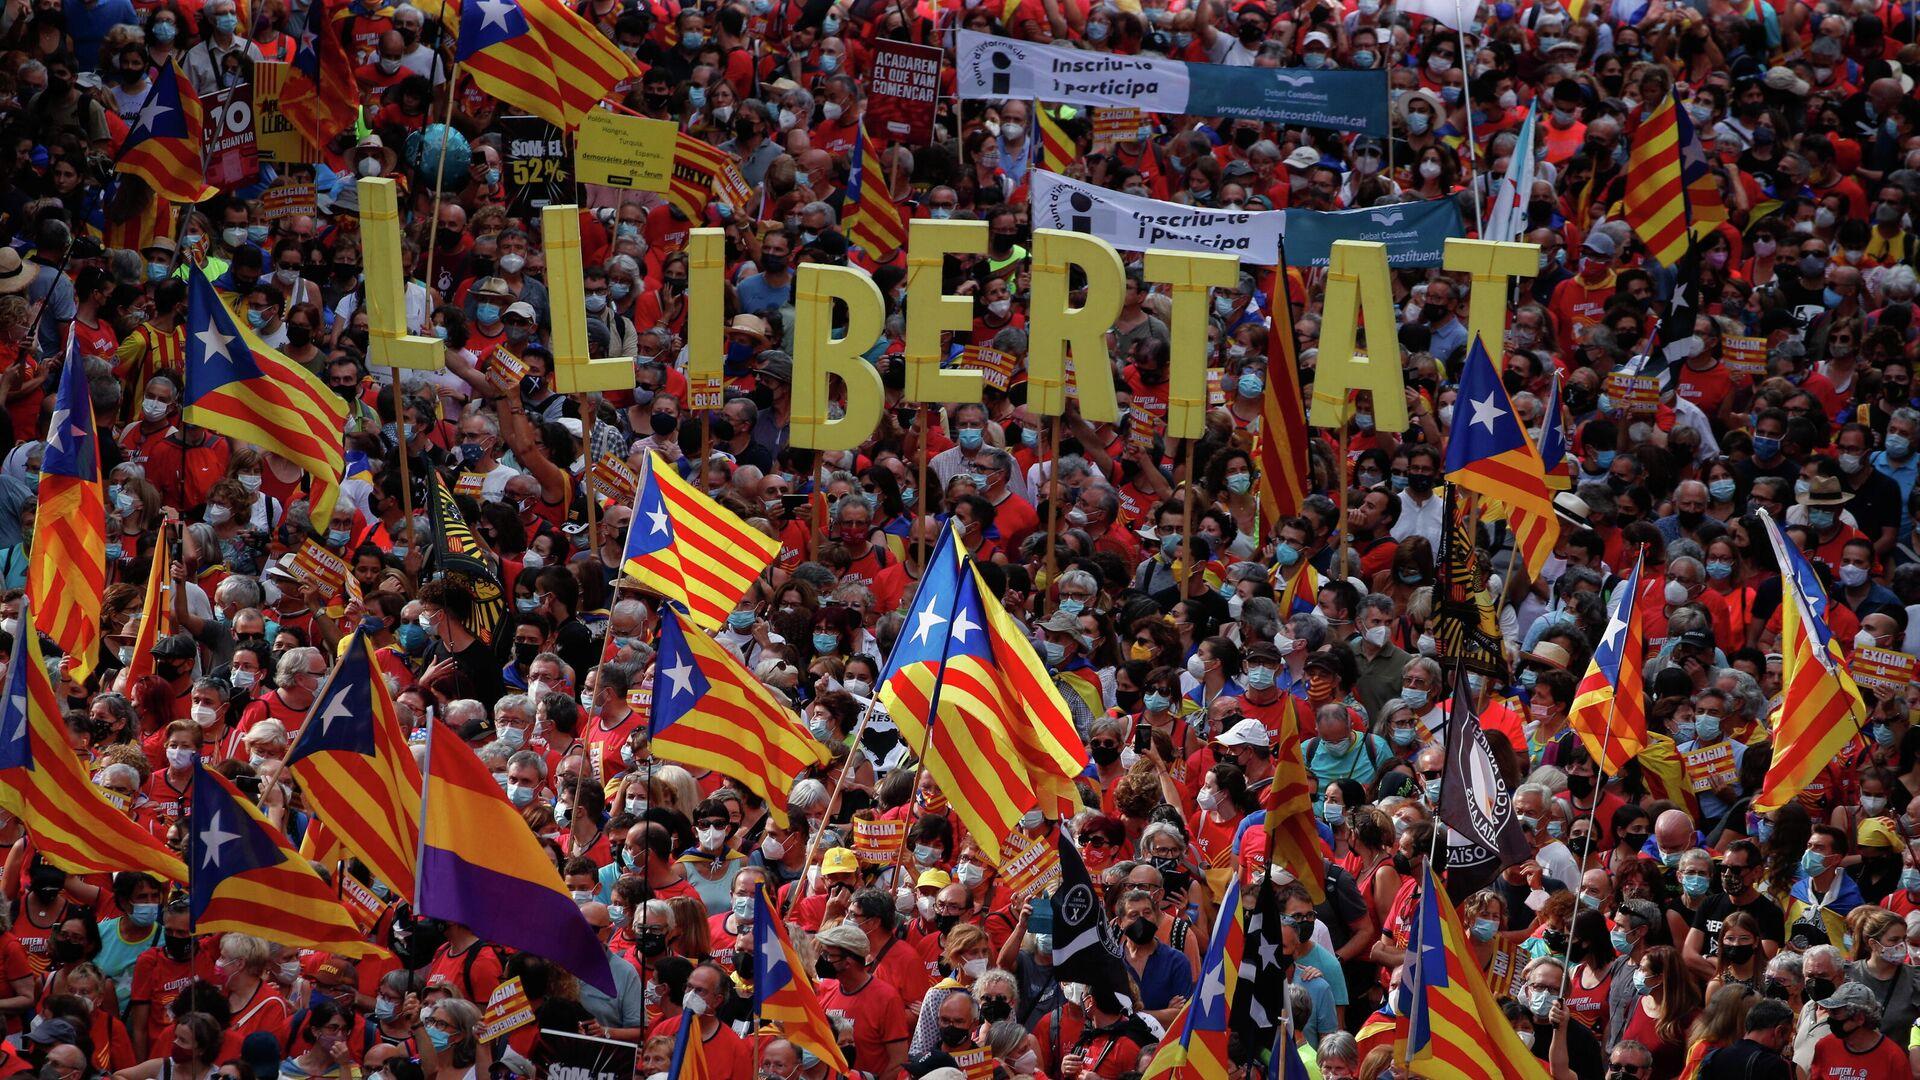 Movilización del movimiento independentista de Cataluña - Sputnik Mundo, 1920, 11.09.2021